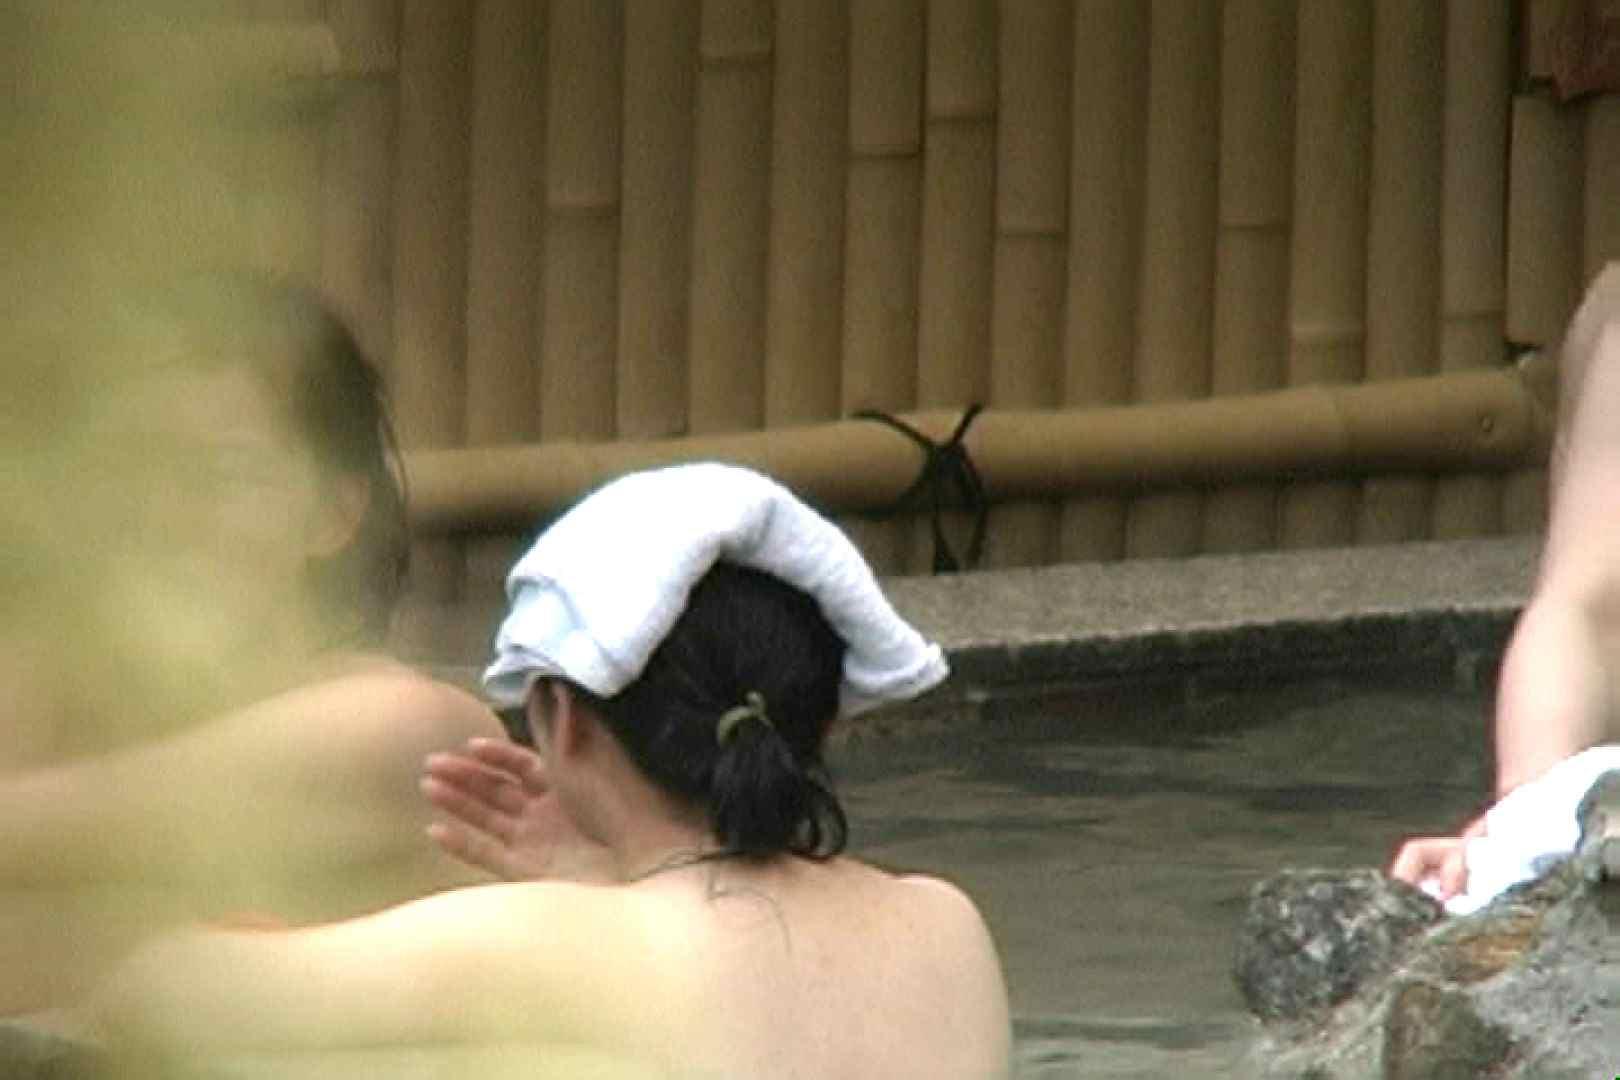 Aquaな露天風呂Vol.109 美しいOLの裸体 | 盗撮師作品  97pic 70